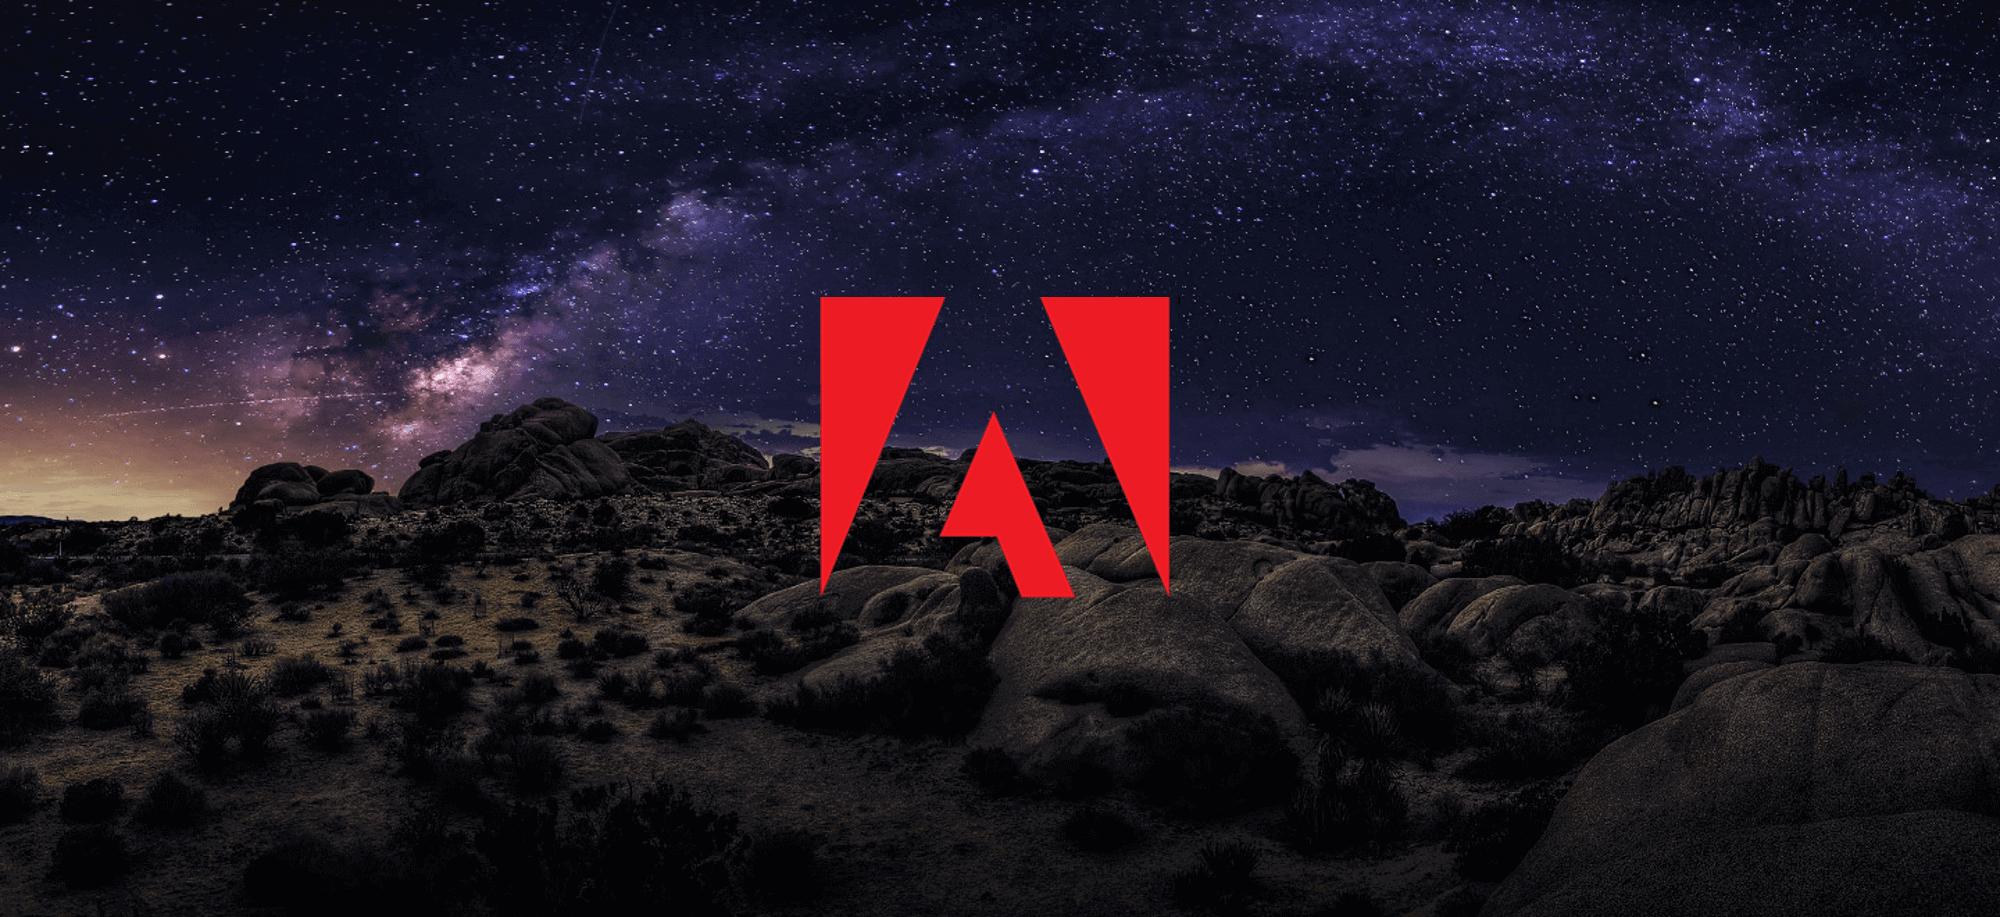 Adobe Android iragarkiak erabiltzen hasi da Android erabiltzaileentzat.  Hori ez da txantxa